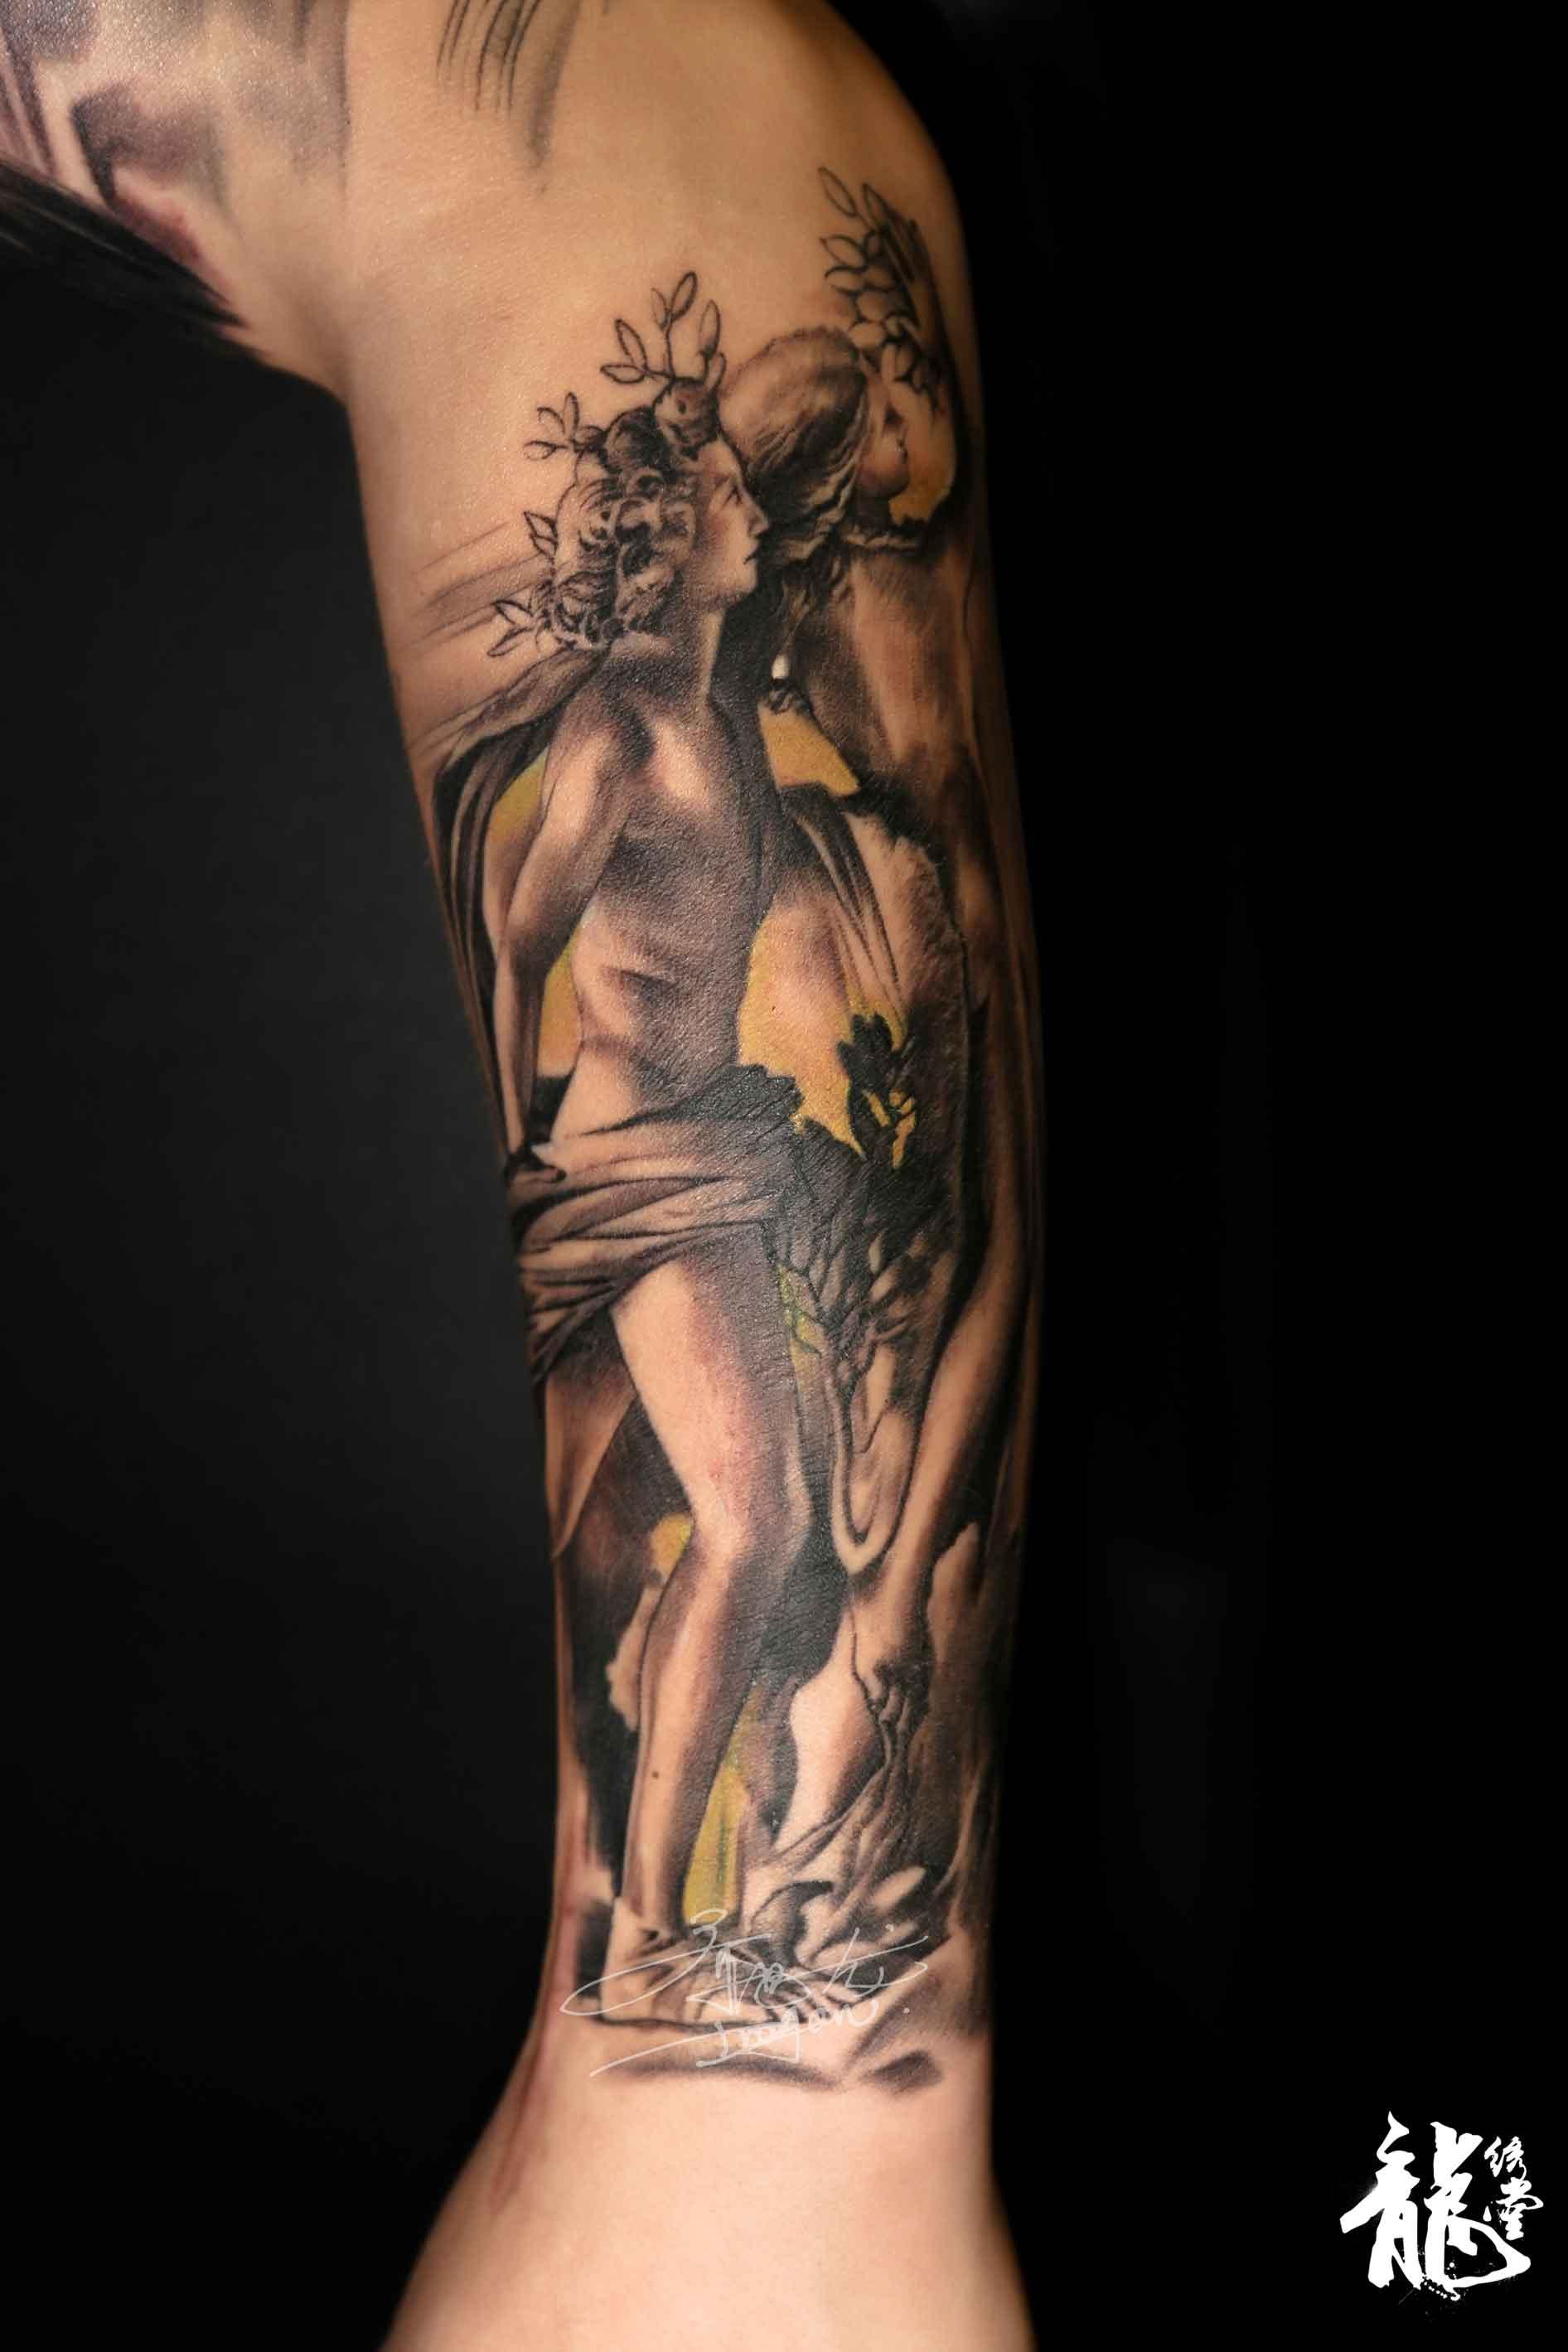 小臂创意亚当夏娃欧美纹身|手工艺|手办/原型|龙绣堂